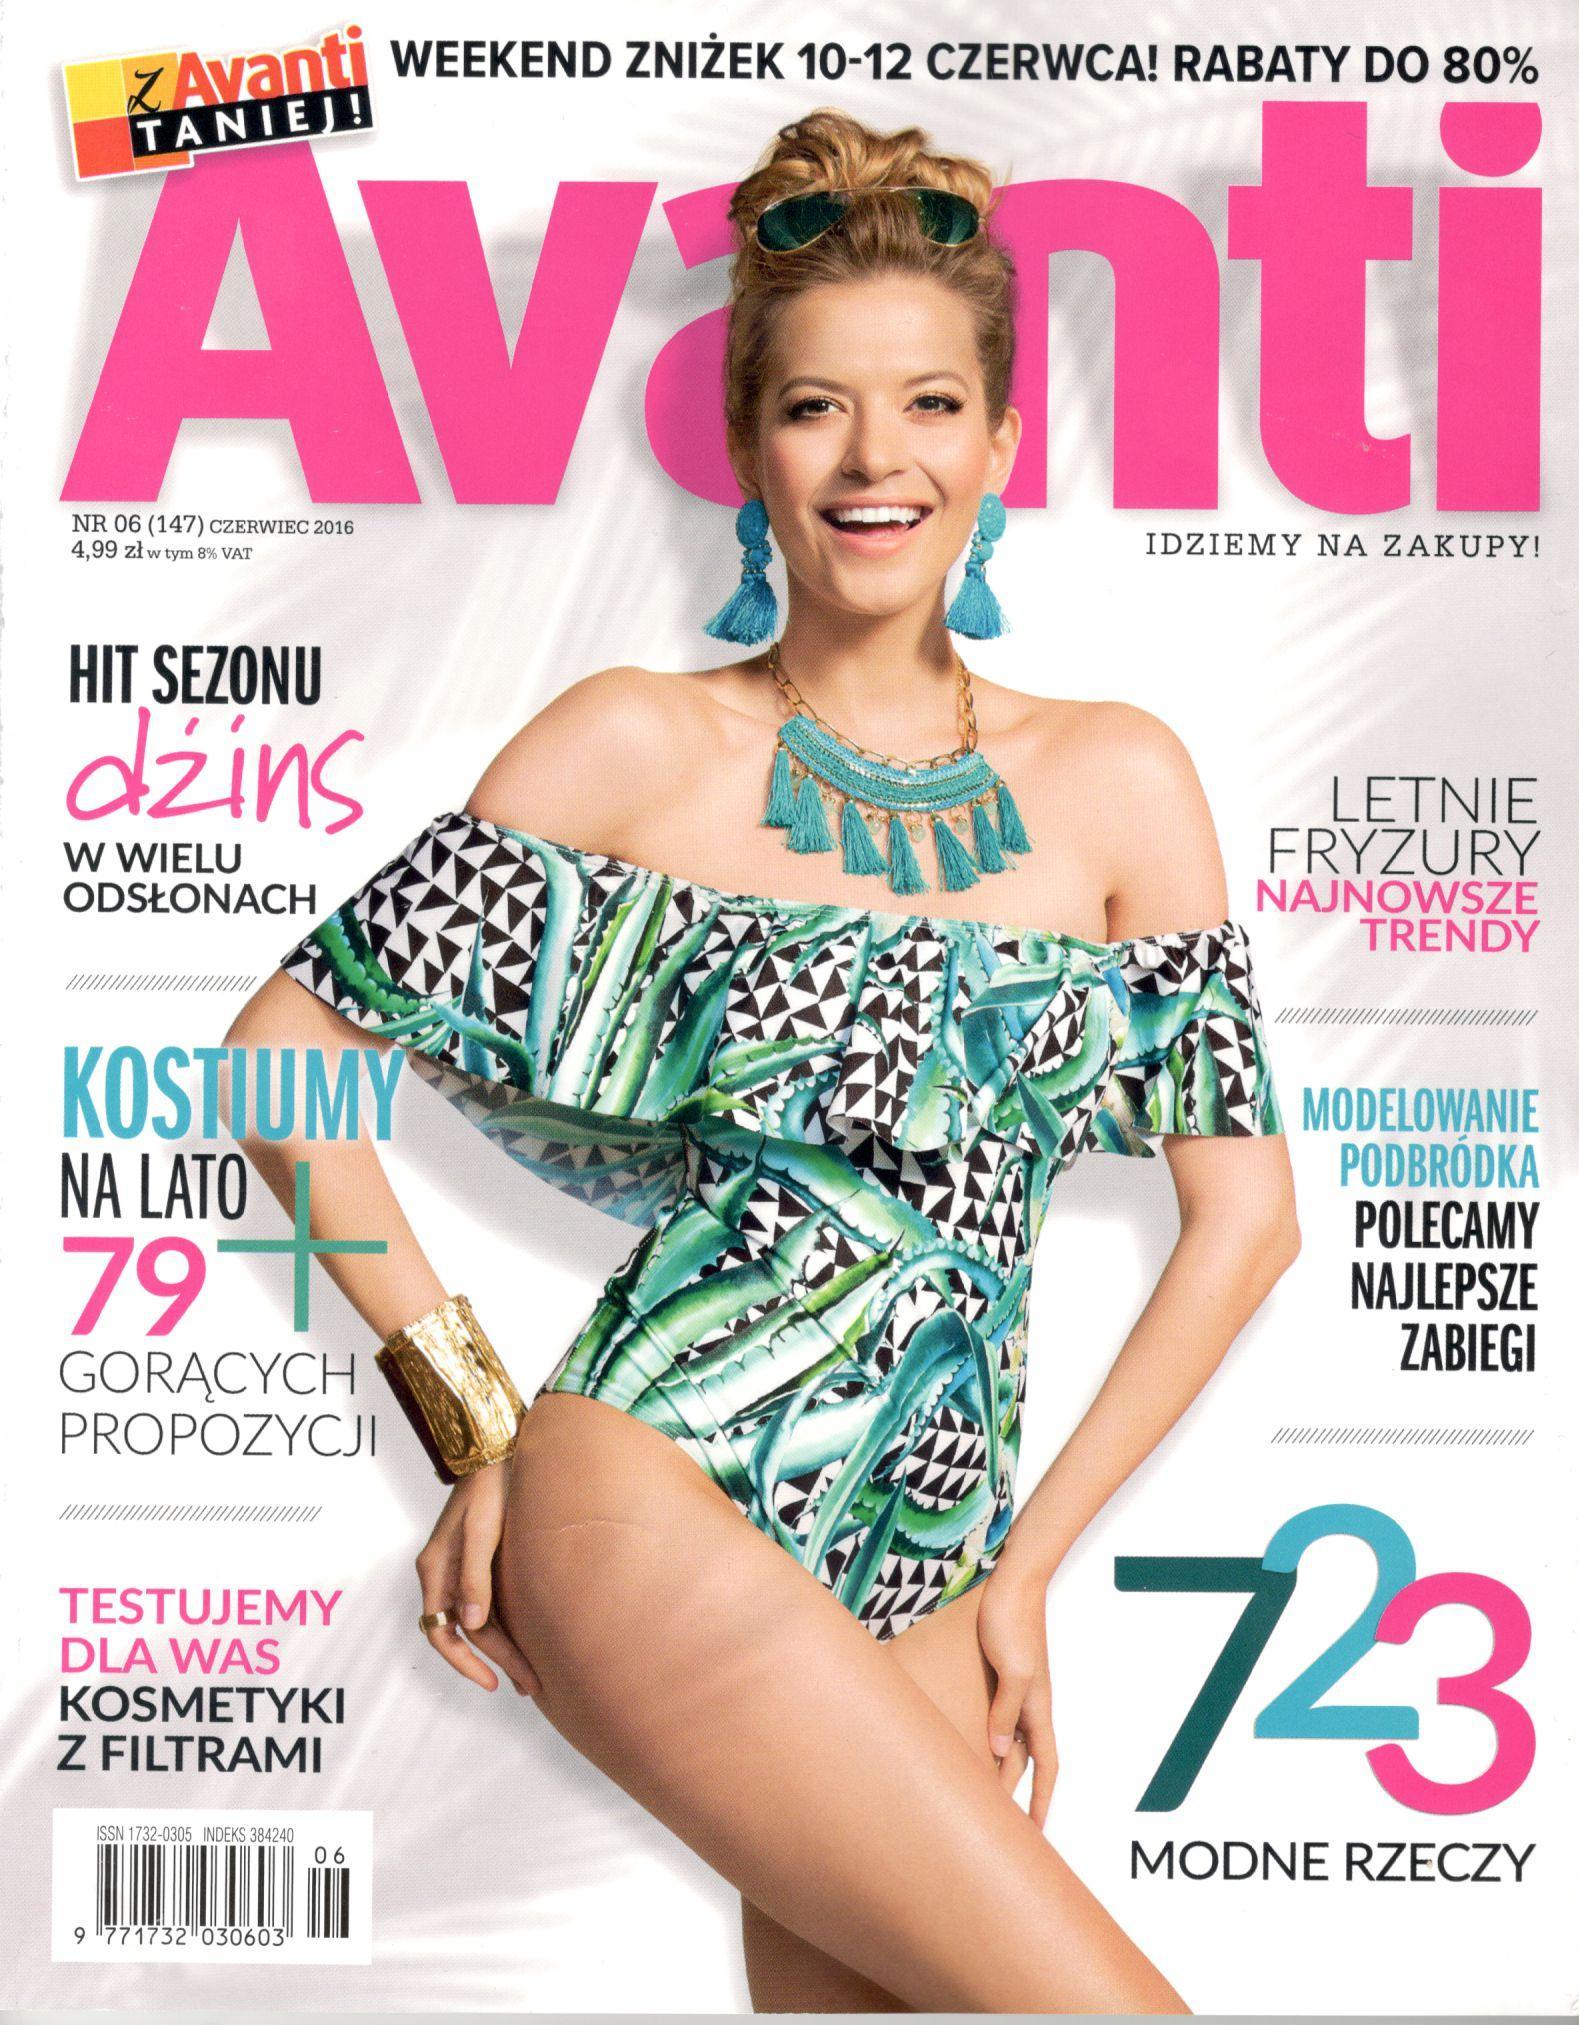 Weekend Zniżek z Avanti w całej Polsce 10-12 czerwca 2016